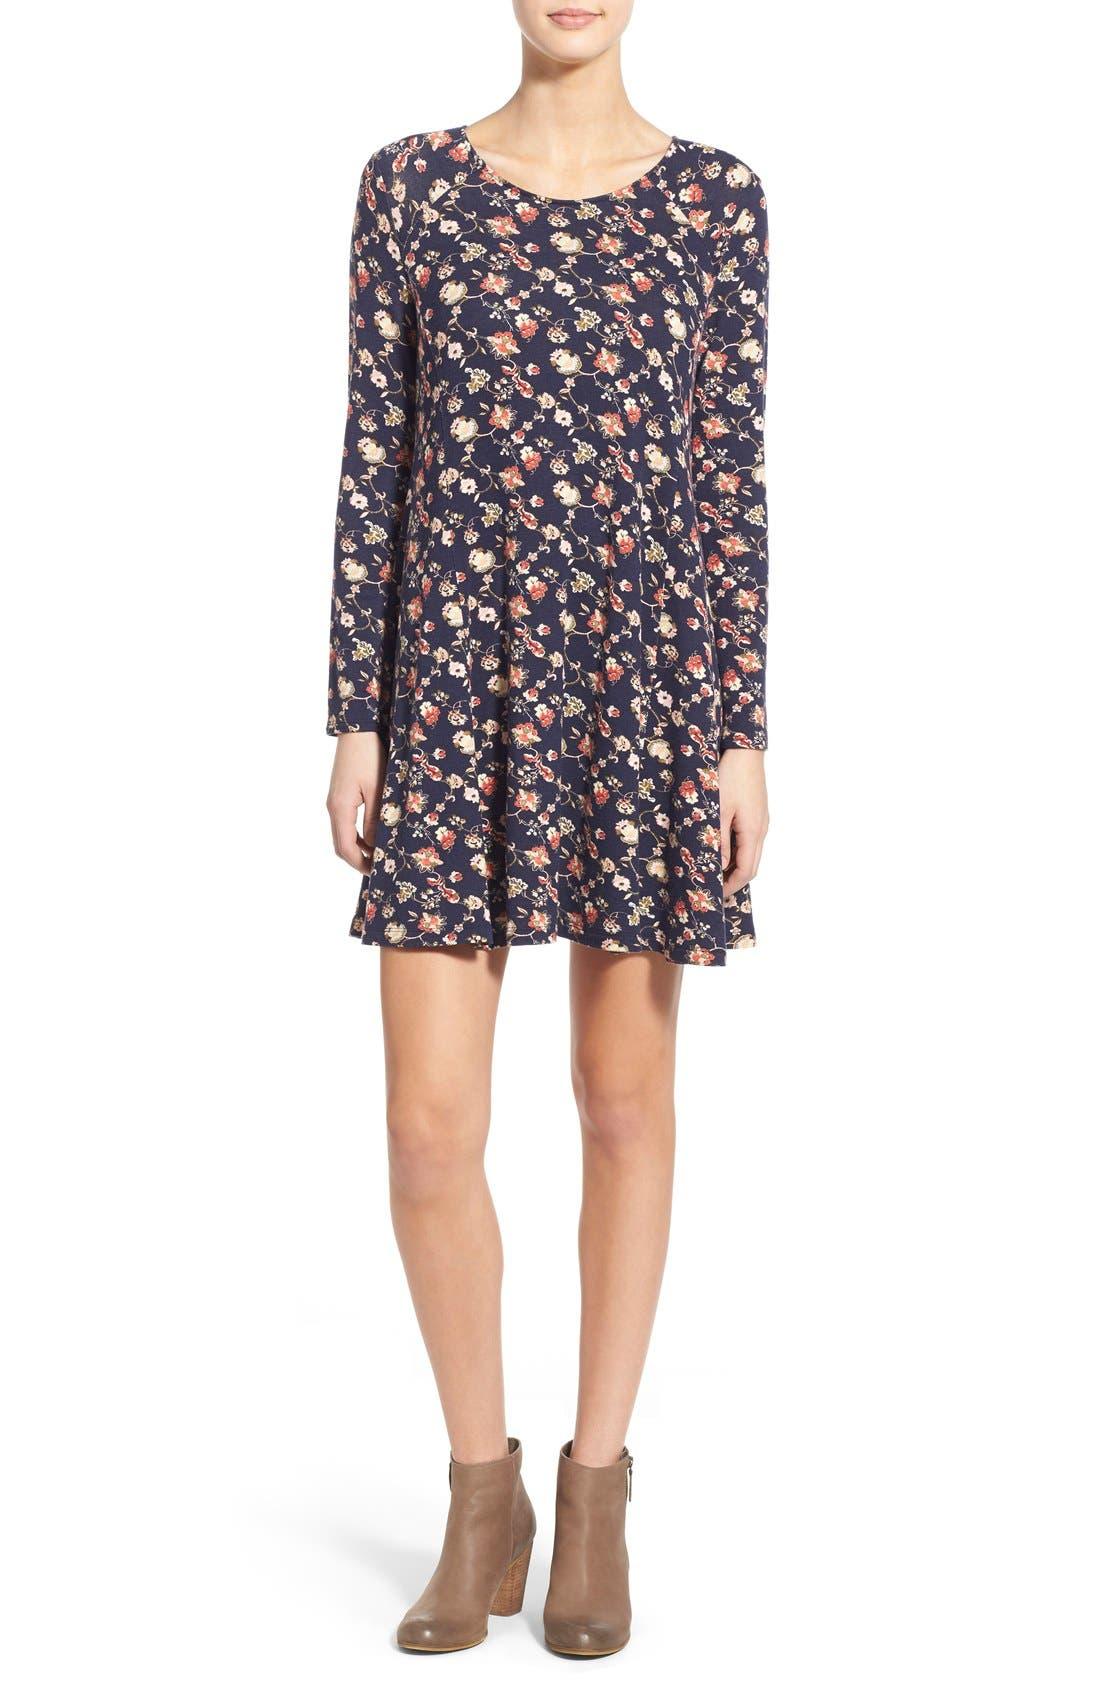 Alternate Image 1 Selected - Lush 'Lauren' Long Sleeve Shift Dress